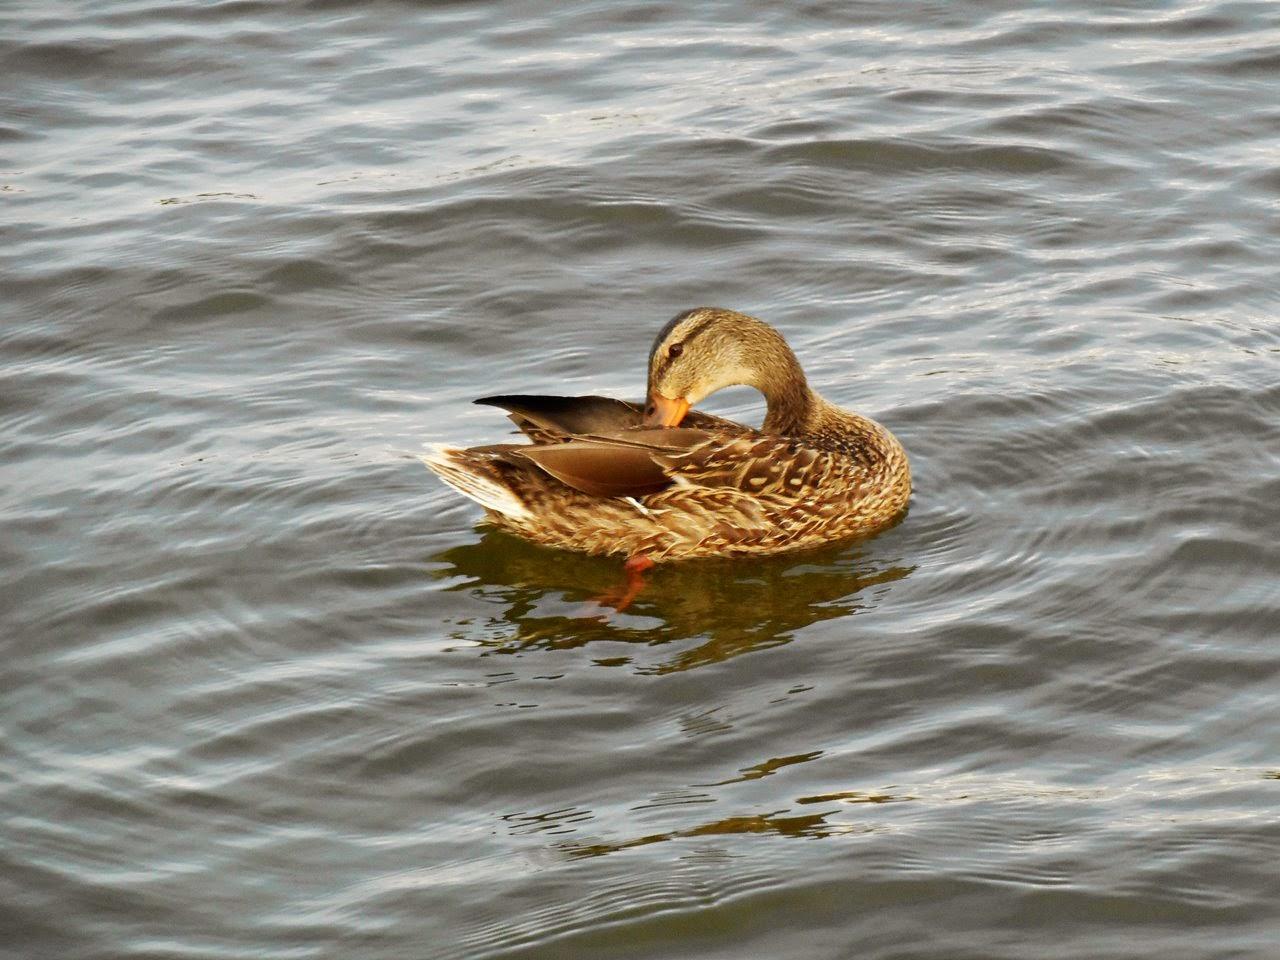 woda, ptaki wodne, krzyżówka, wypoczynek, relaks